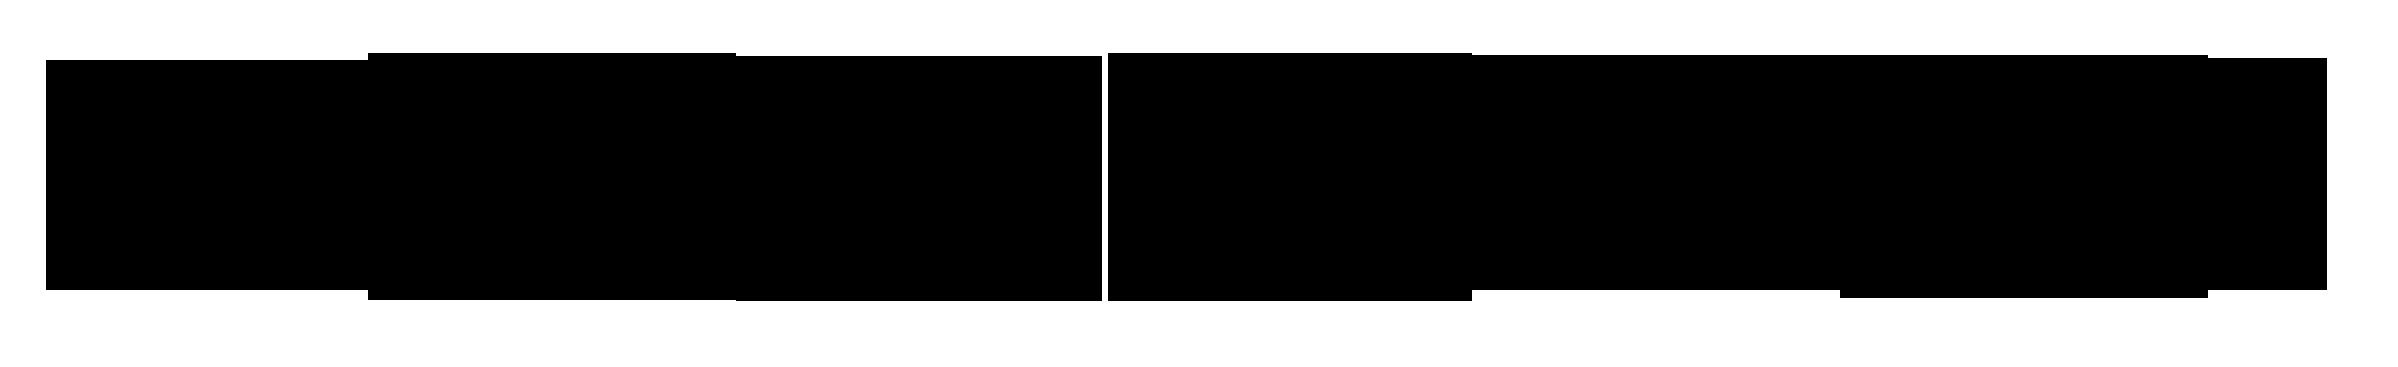 Logo Manzoni trasparente